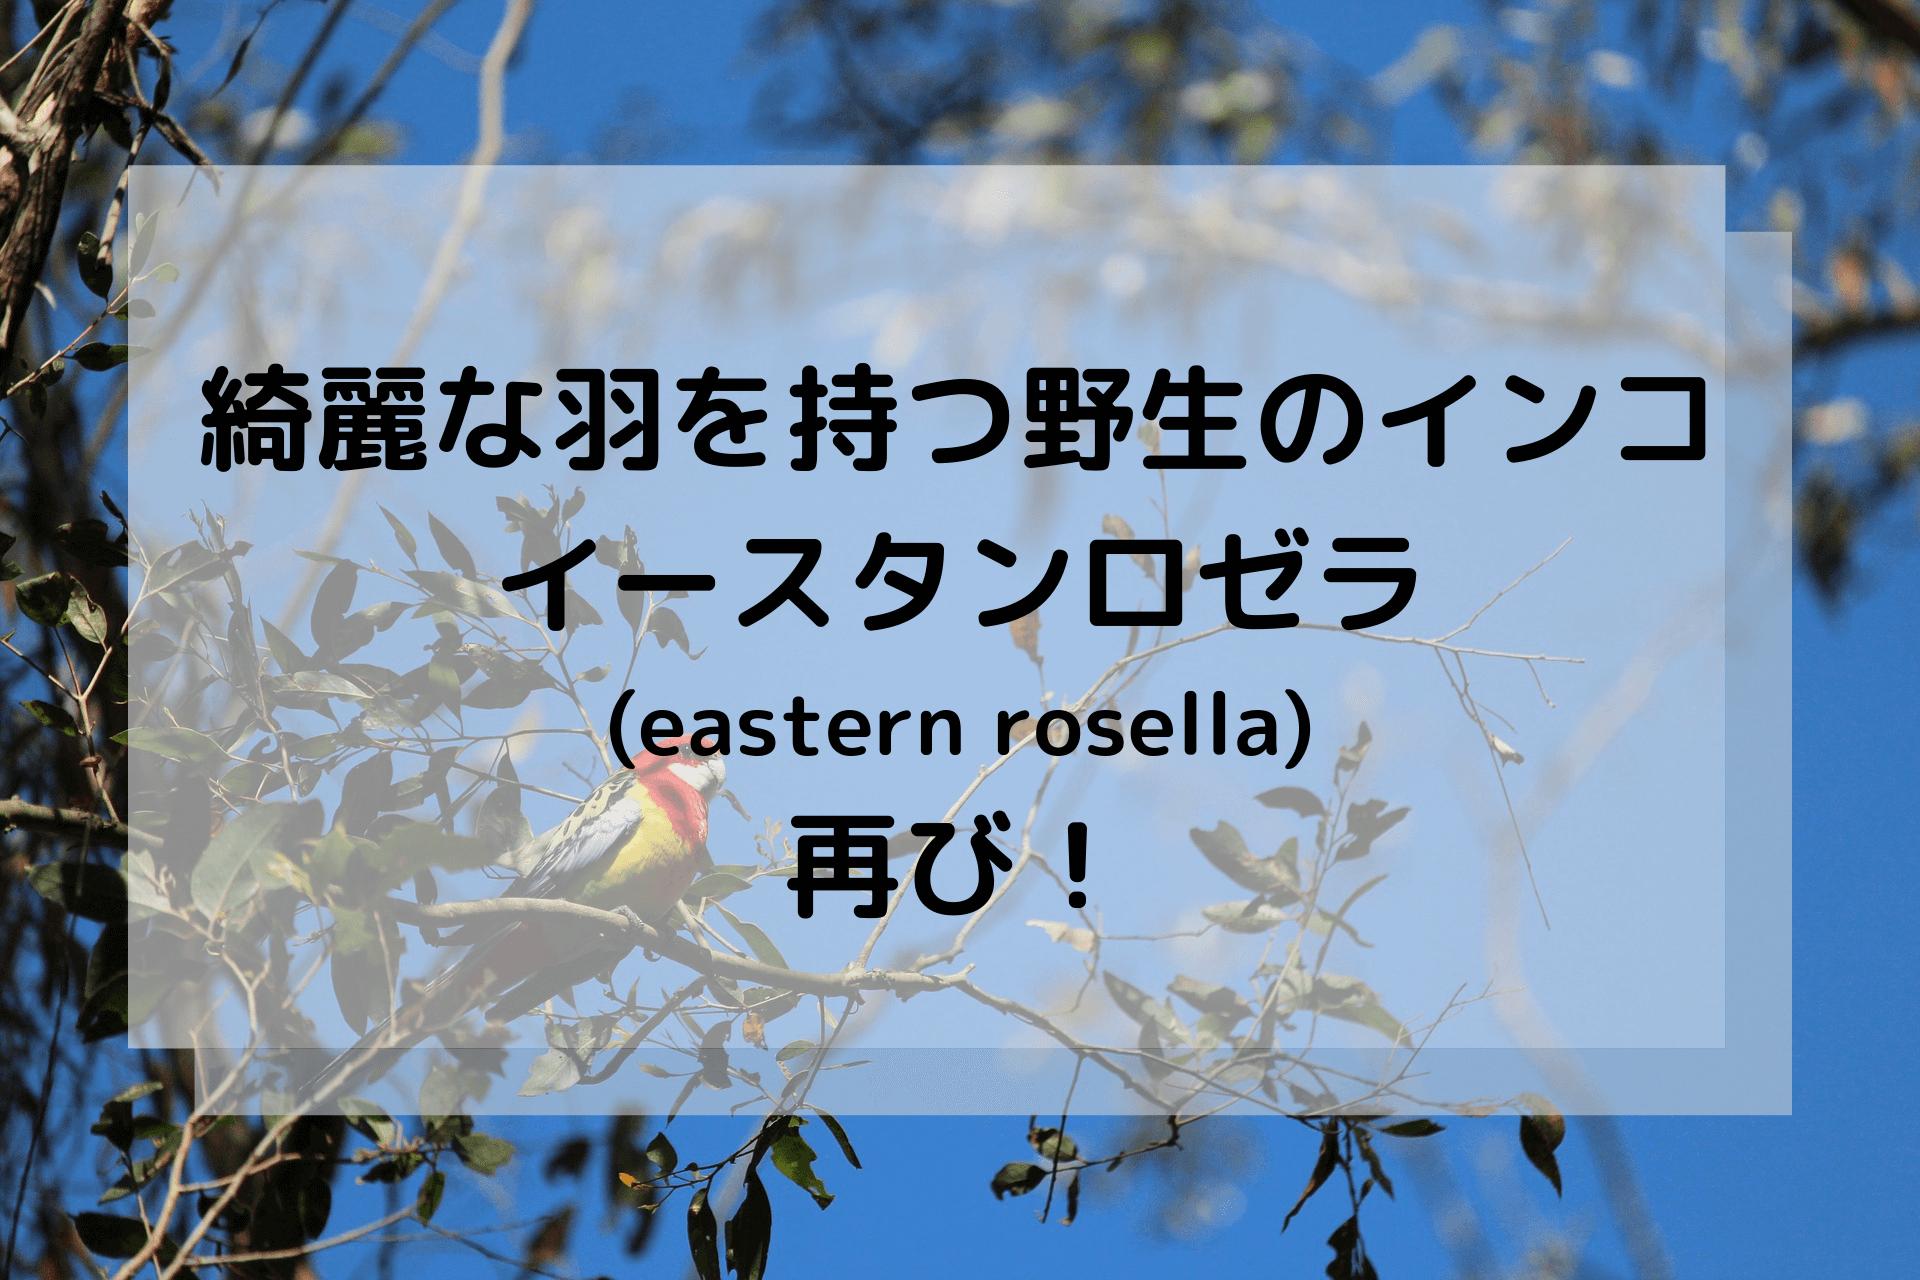 綺麗な羽を持つ野生のインコ、イースタンロゼラ(eastern rosella)再び!